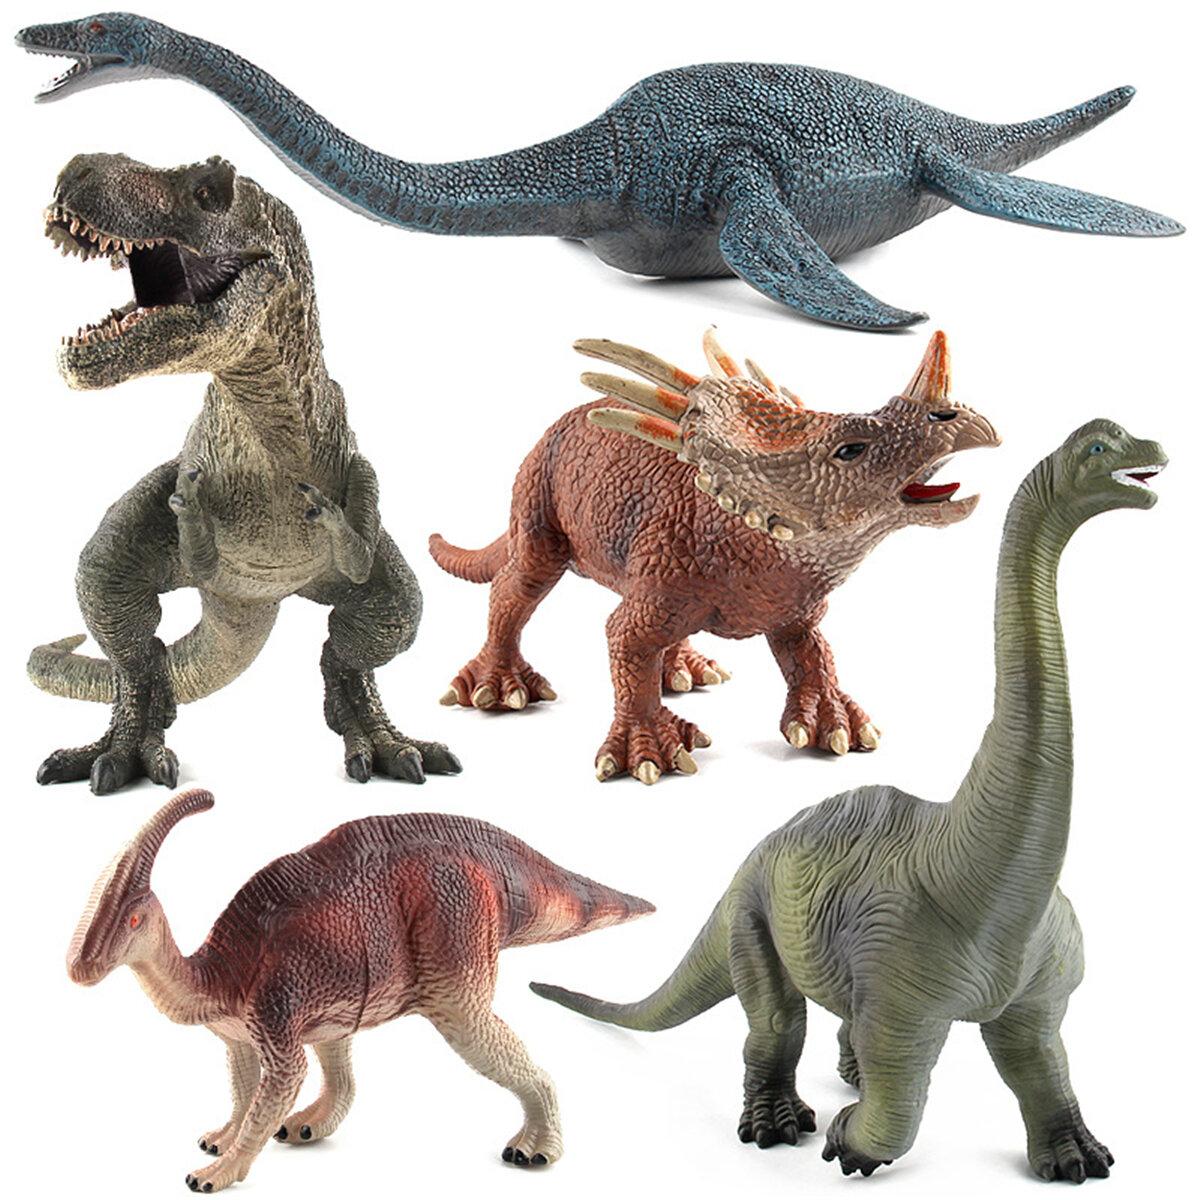 Grande Dinosauro giocattolo Brachiosaurus giocattolo in plastica plastico Realistico Realistico regalo per i bambini - 1